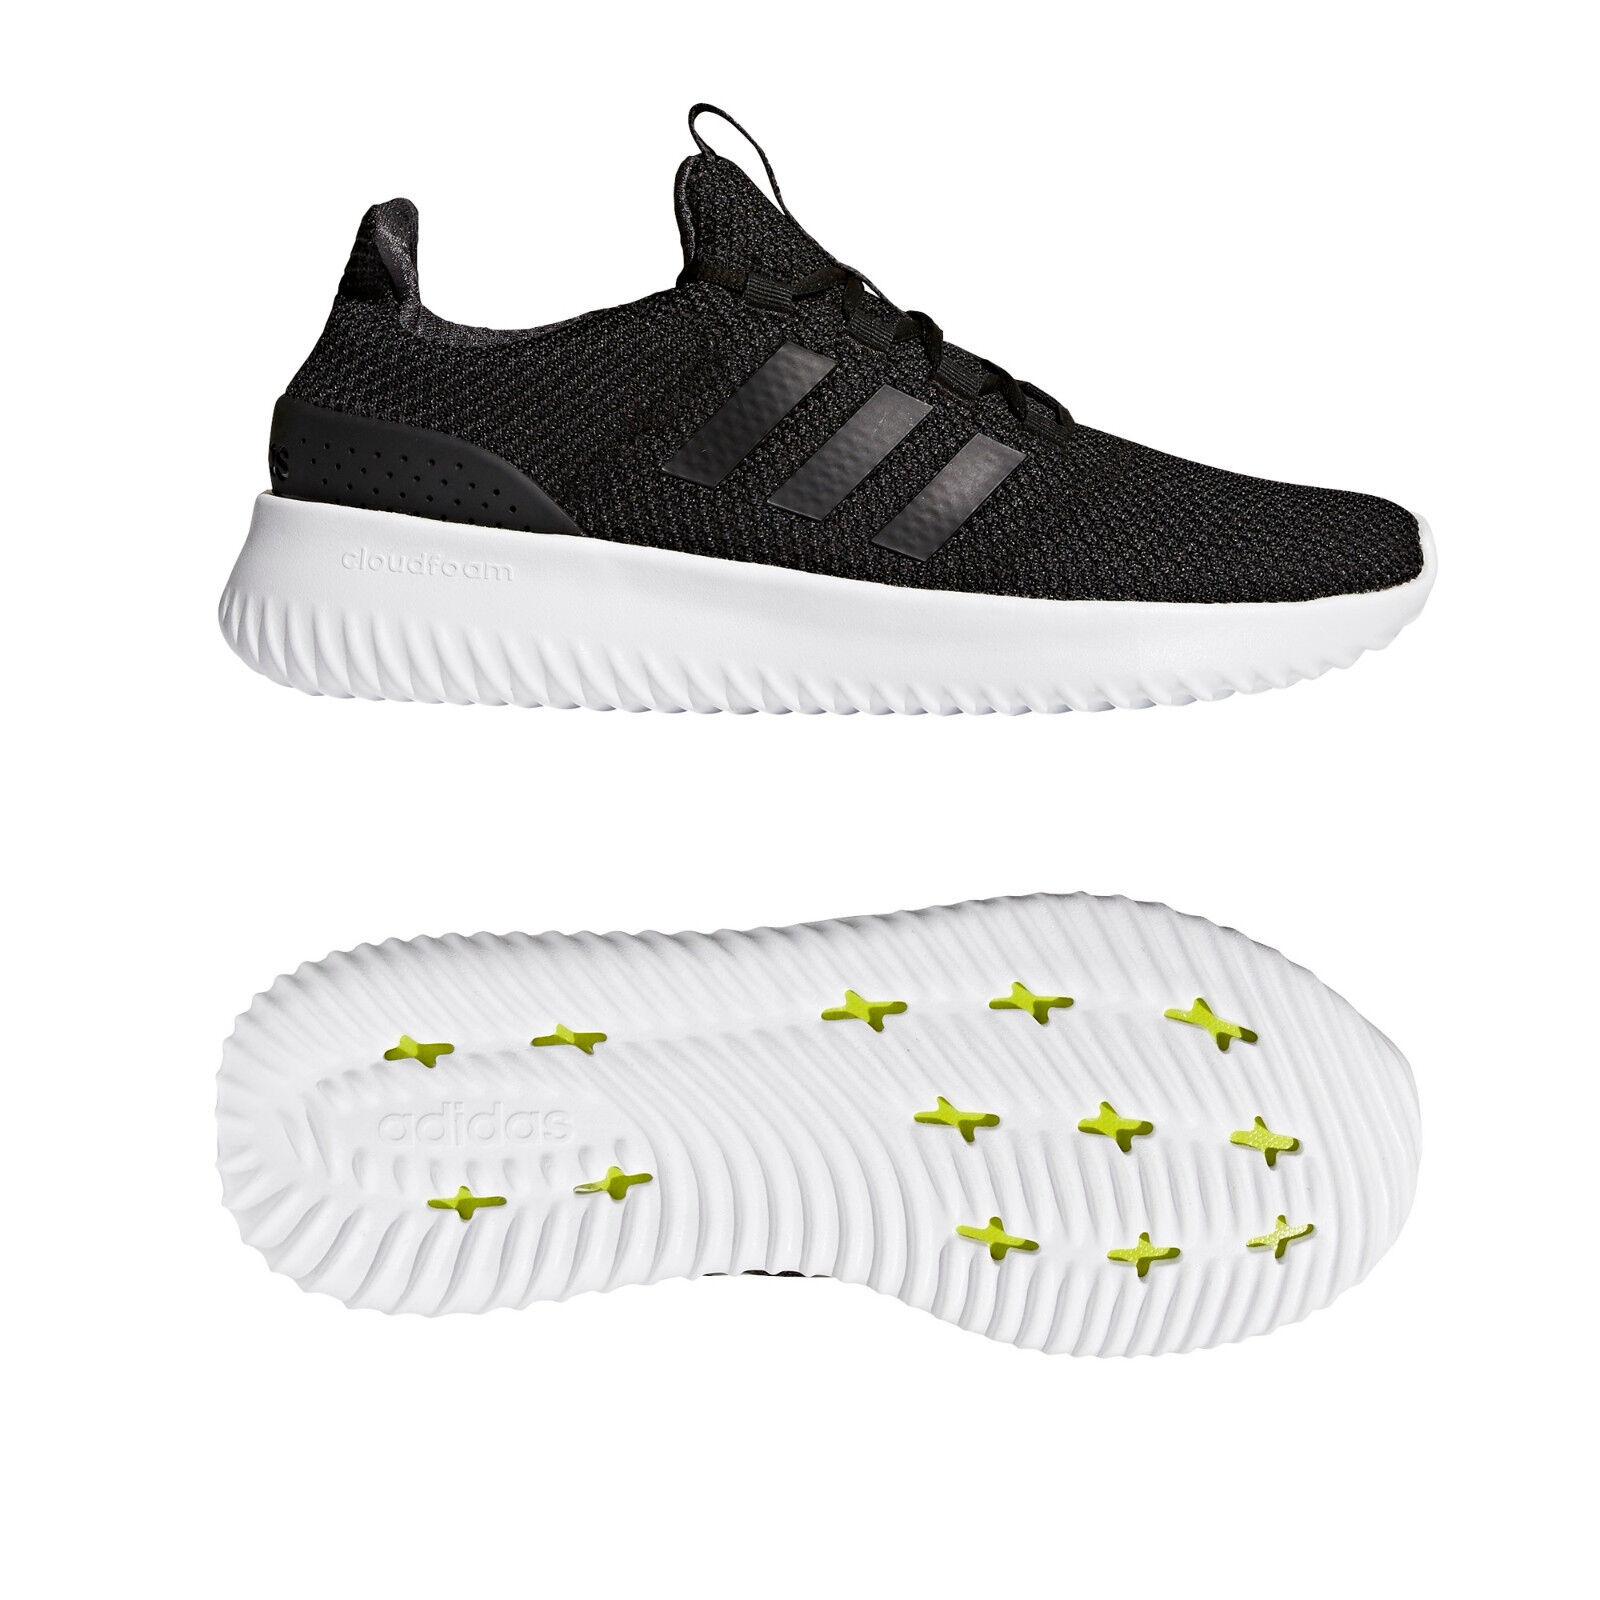 Adidas neo cloudfoam Ultimate señores 4247 Lifestyle calzado informal cortos 4247 señores nuevo 977533